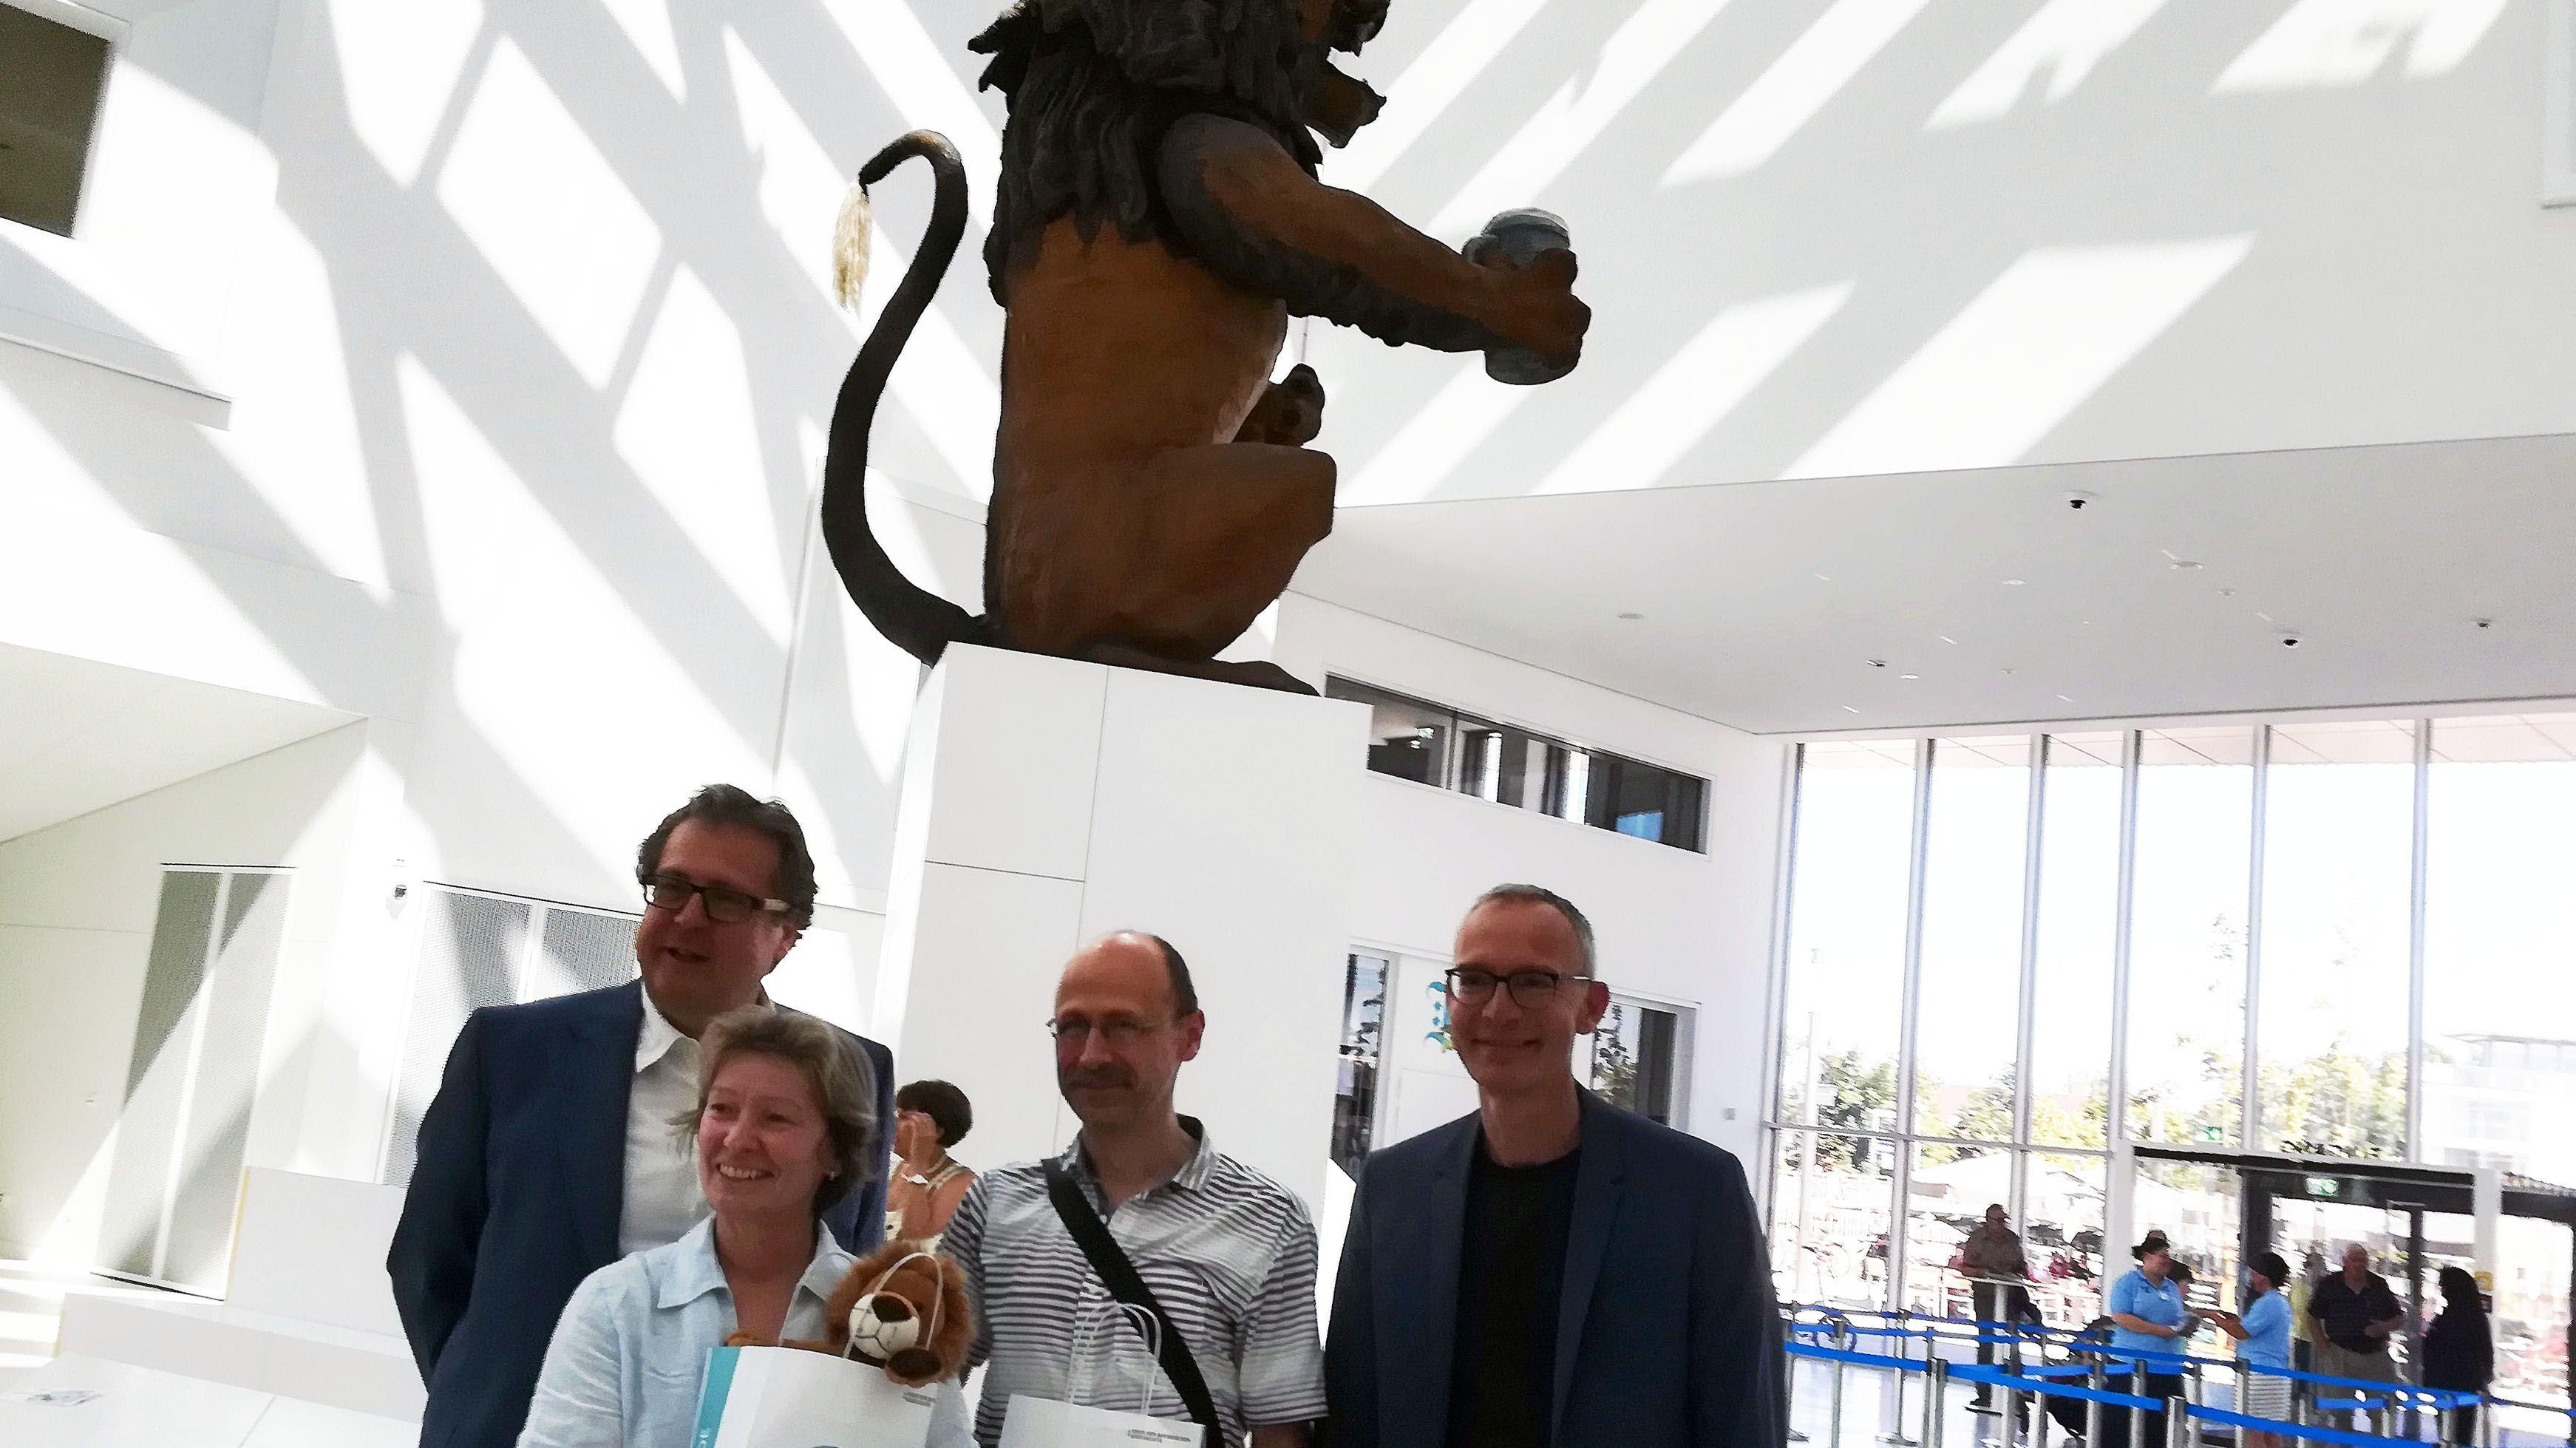 Richarl Loibl (li.) und BR-Moderator Chriostoph Süß (re.) begrüßen Sabine Stuber (2. v. li.) als 150.000 Besucherin im neuen Museum.